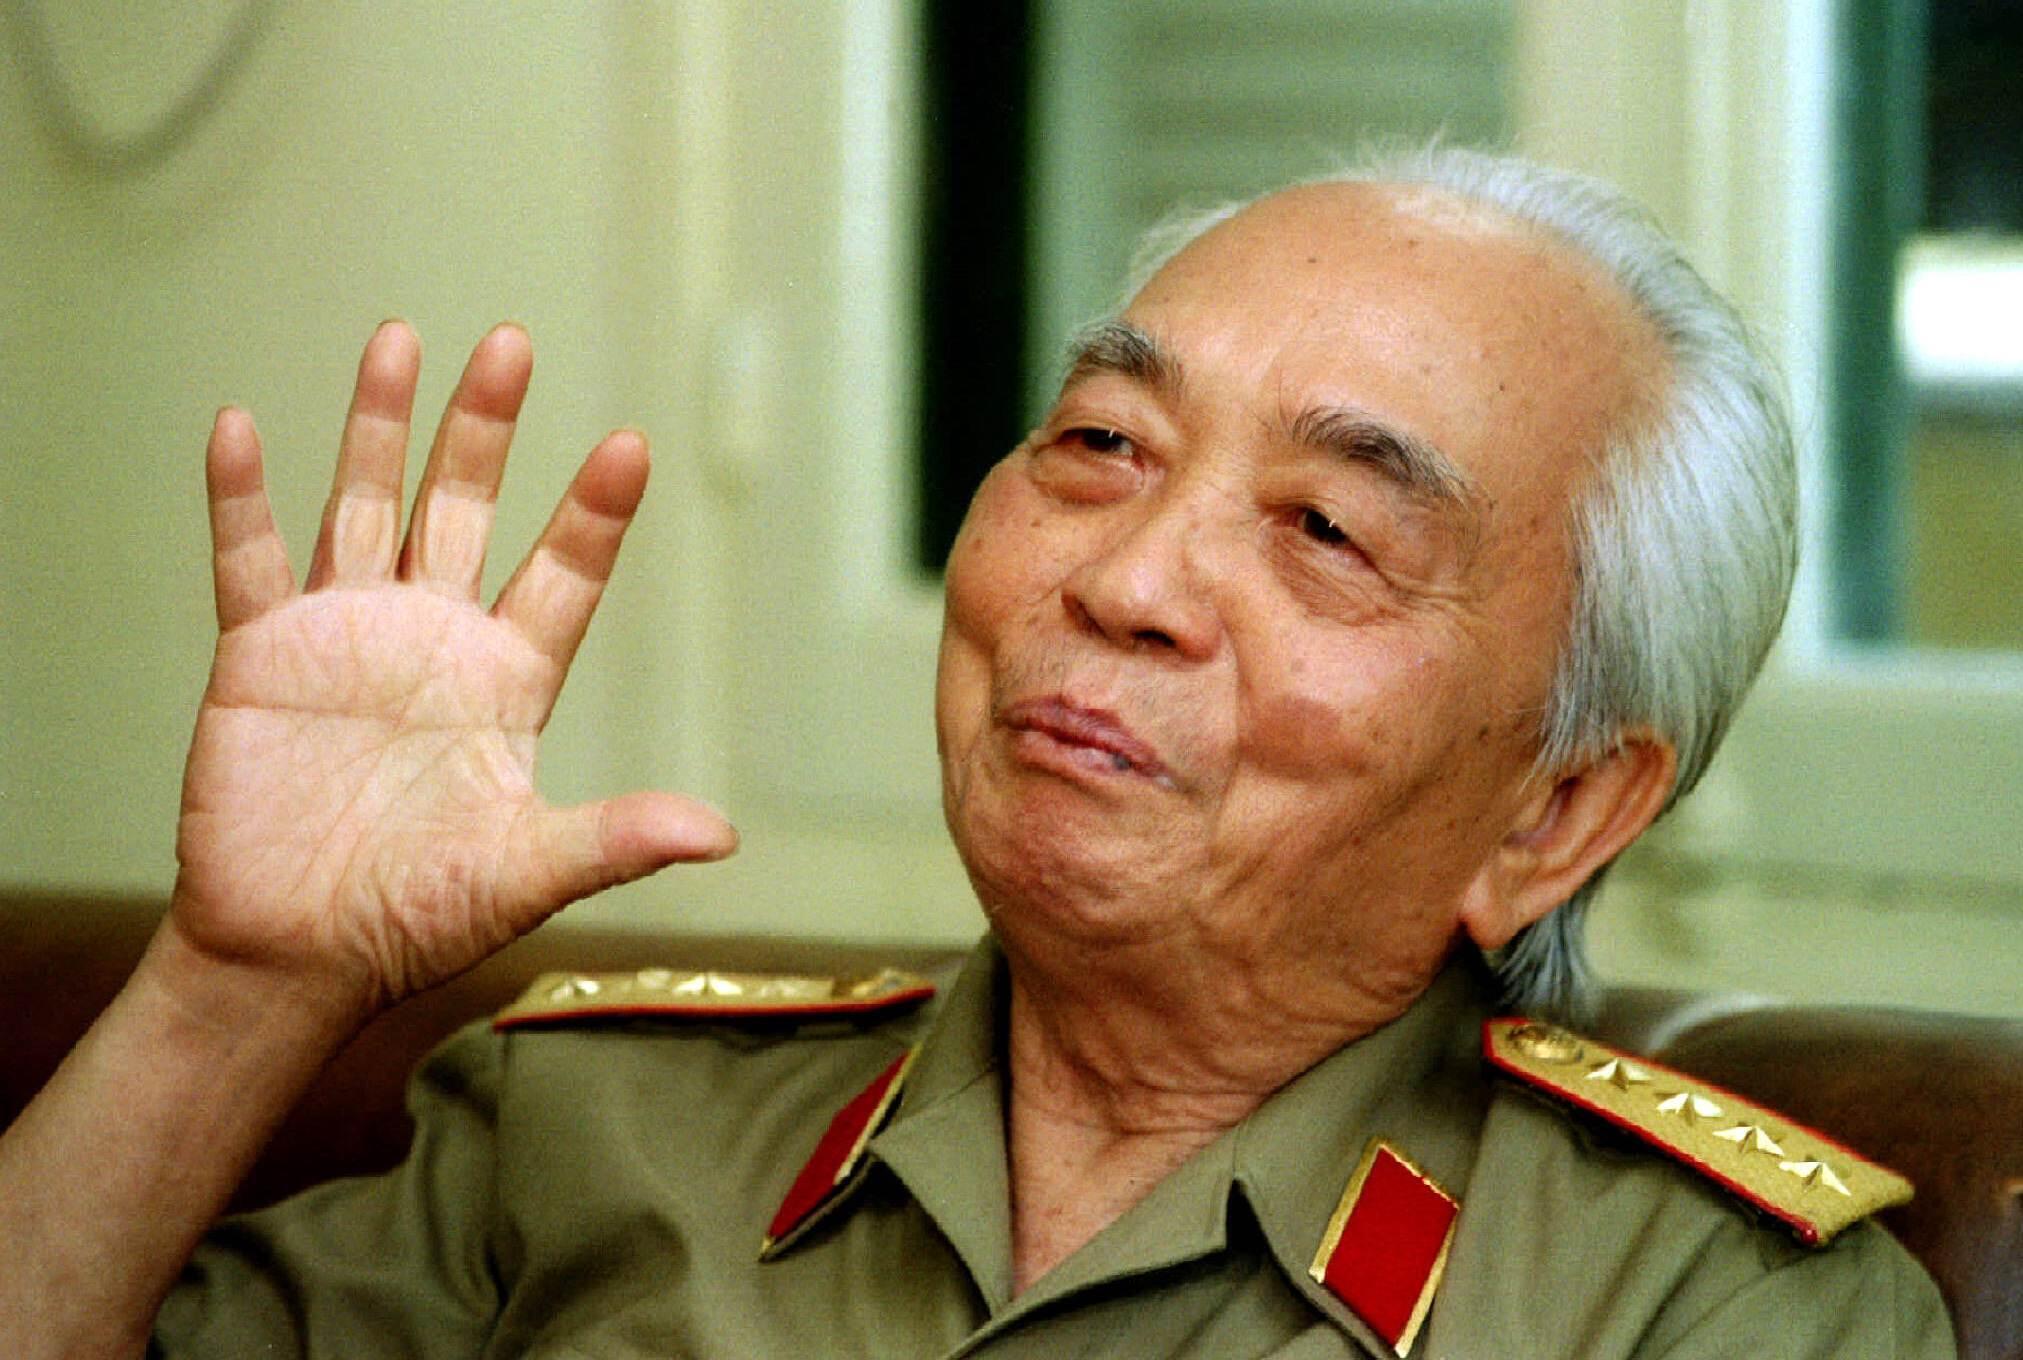 Đại tướng Võ Nguyên Giáp trong một lần trả lời phỏng vấn truyền thông nước ngoài tại Hà Nội ngày 22/8/1995.